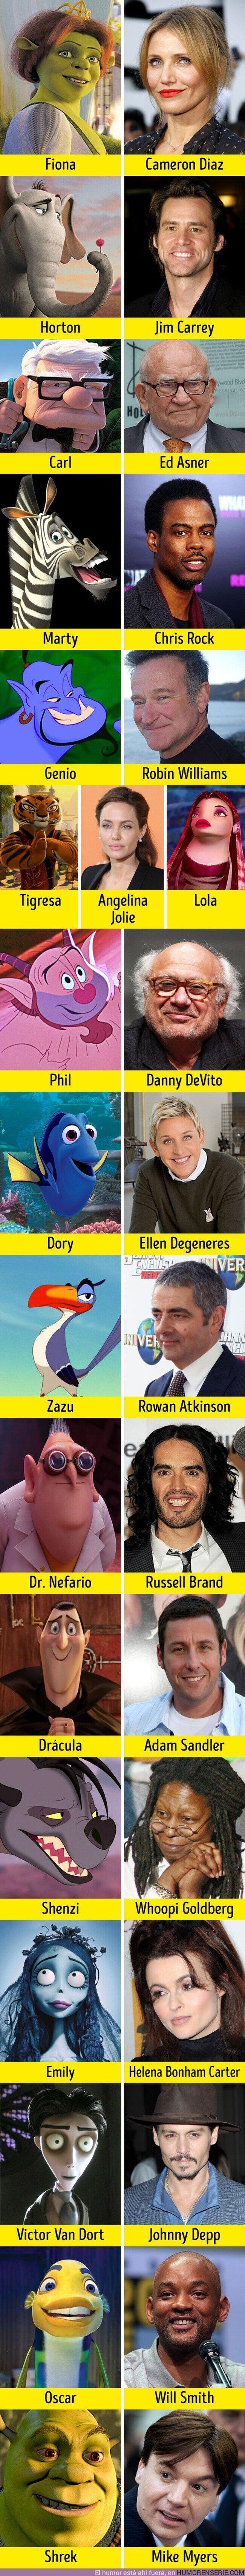 56286 - GALERÍA: Estos 16 actores se parecen mucho a los personajes que doblaron